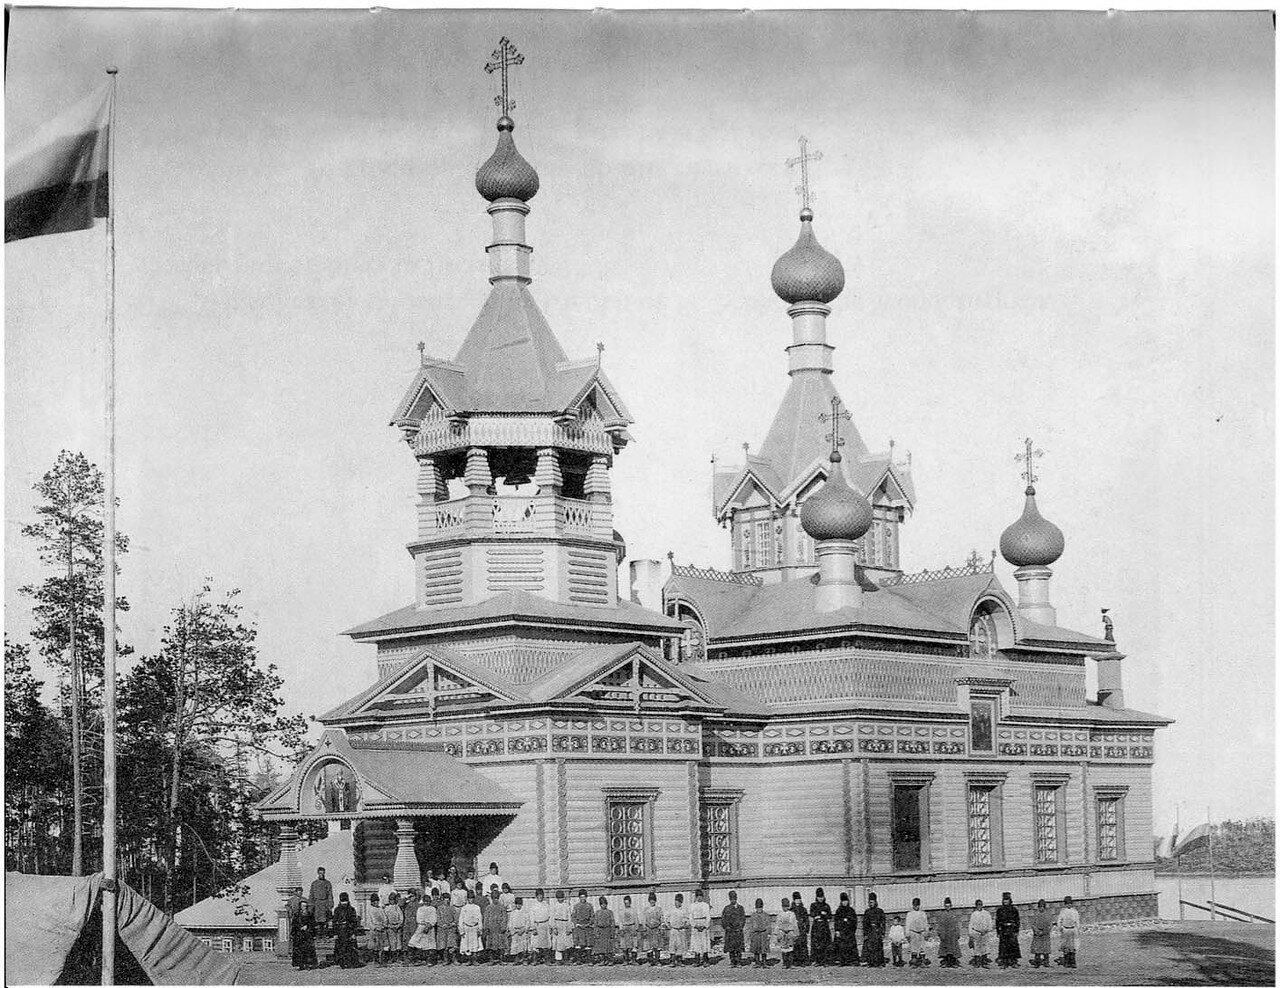 Белое море. Кондостров. Церковь во имя Святителя Николая Мирликийского Чудотоворца. 1908, июль